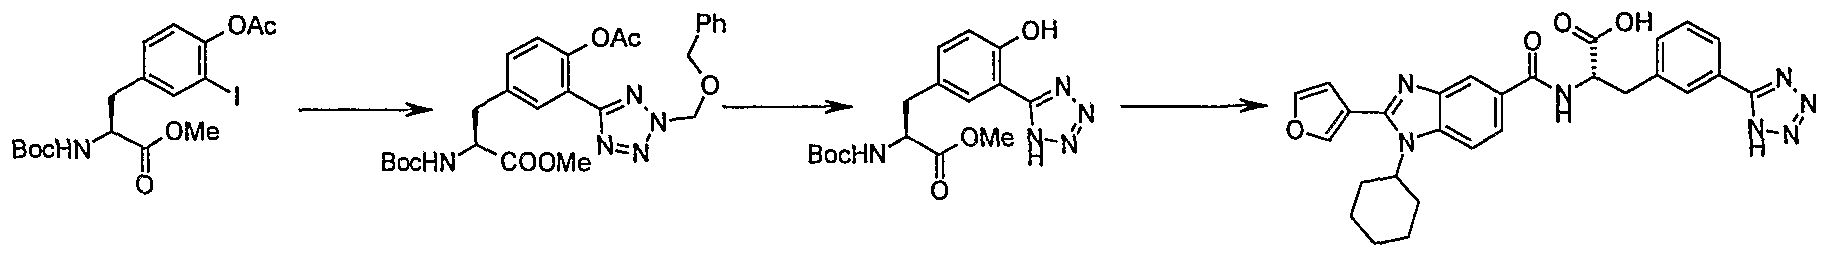 Figure imgf000121_0002